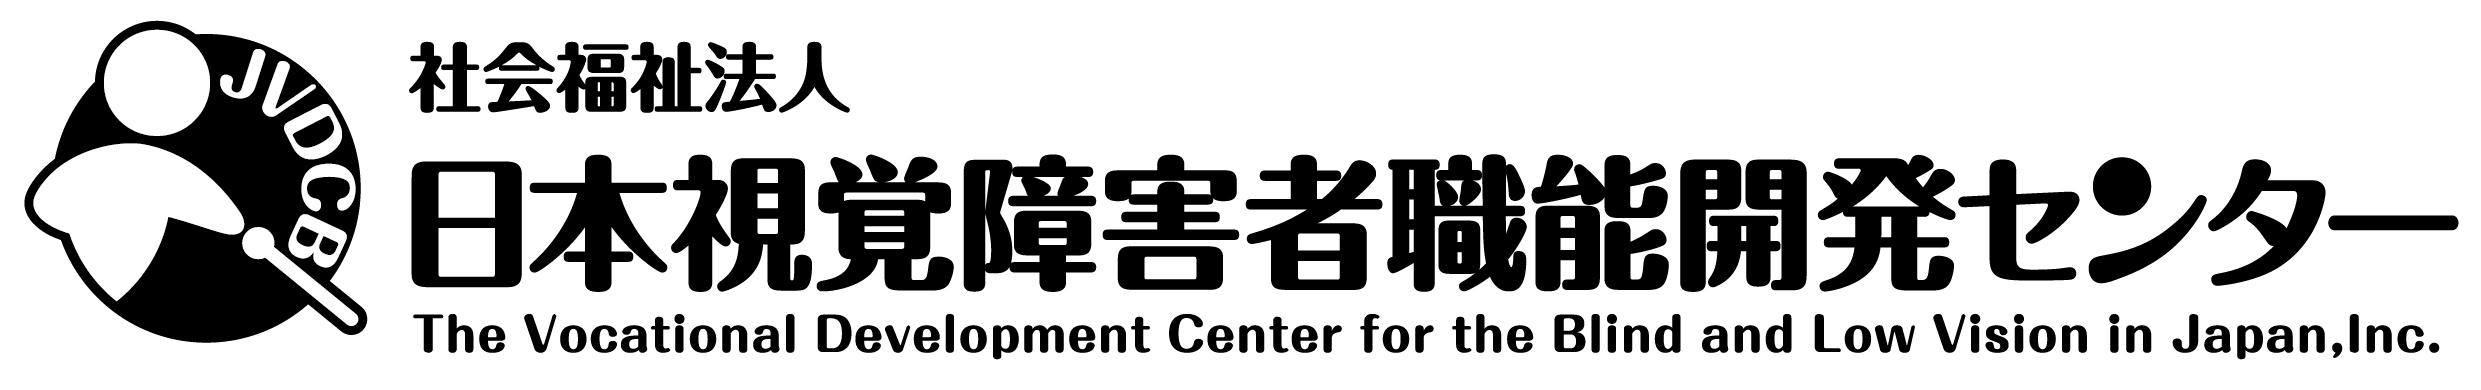 日本視覚障害者職能開発センターのロゴ:左に白杖を持った人の絵に、右に社会福祉法人日本視覚障害者職能開発センターと記載のロゴアイコン、左に白杖を持った人、右に社会福祉法人日本視覚障害者職能開発センターが記載